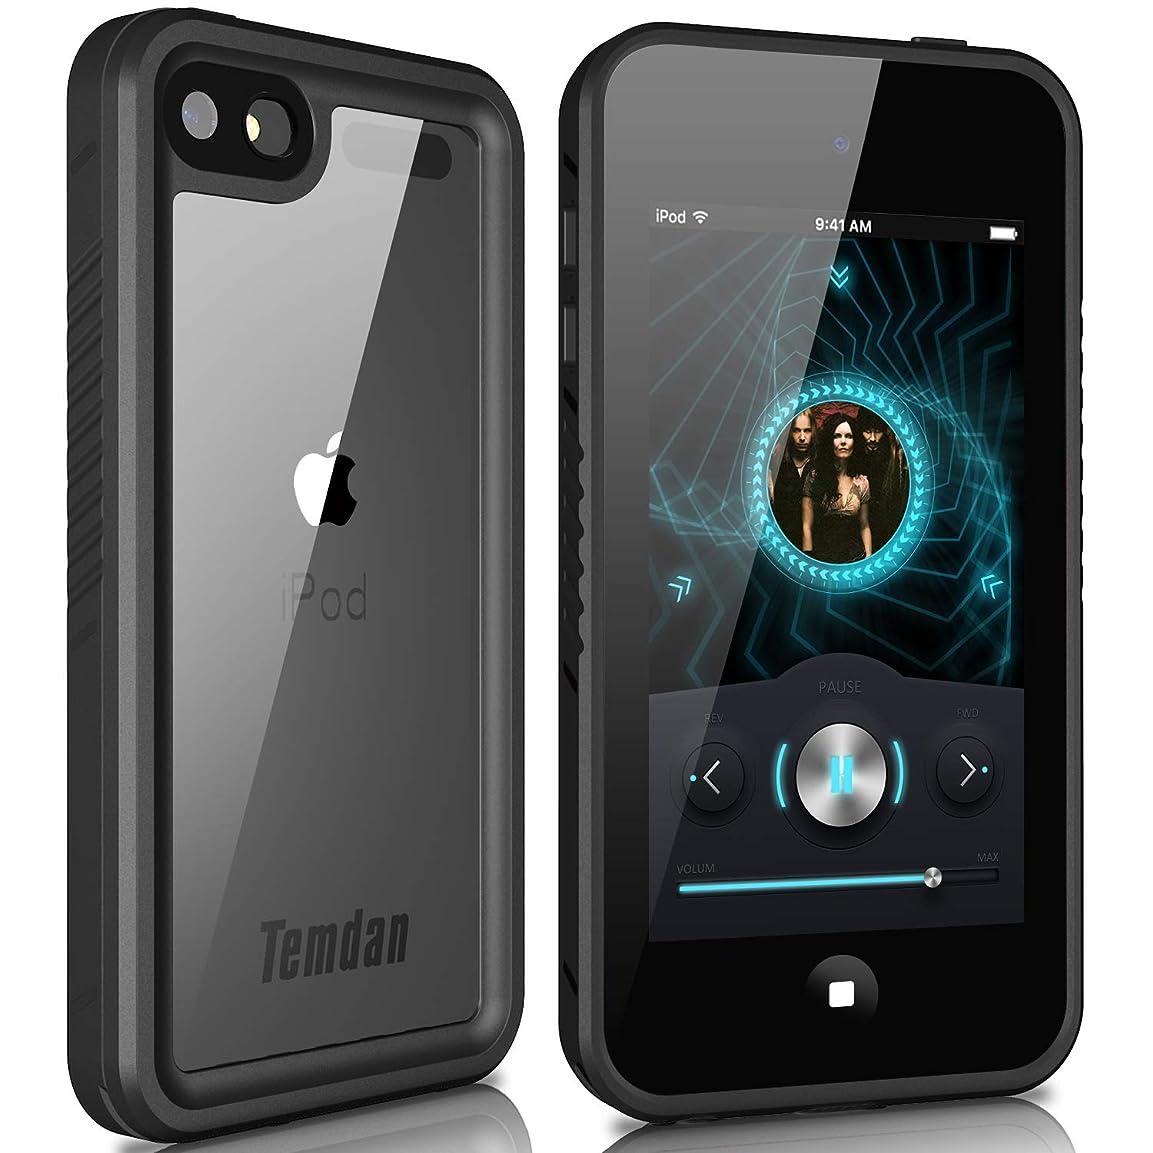 投獄驚かすスカイipod touch 6 ケース ipod touch 5 ケース Temdan ipod touch 5/6 防水ケース IP68完全防水 防塵 耐衝撃 スリム 軽量 傷防止 ipod touch 6/5世代(黒)